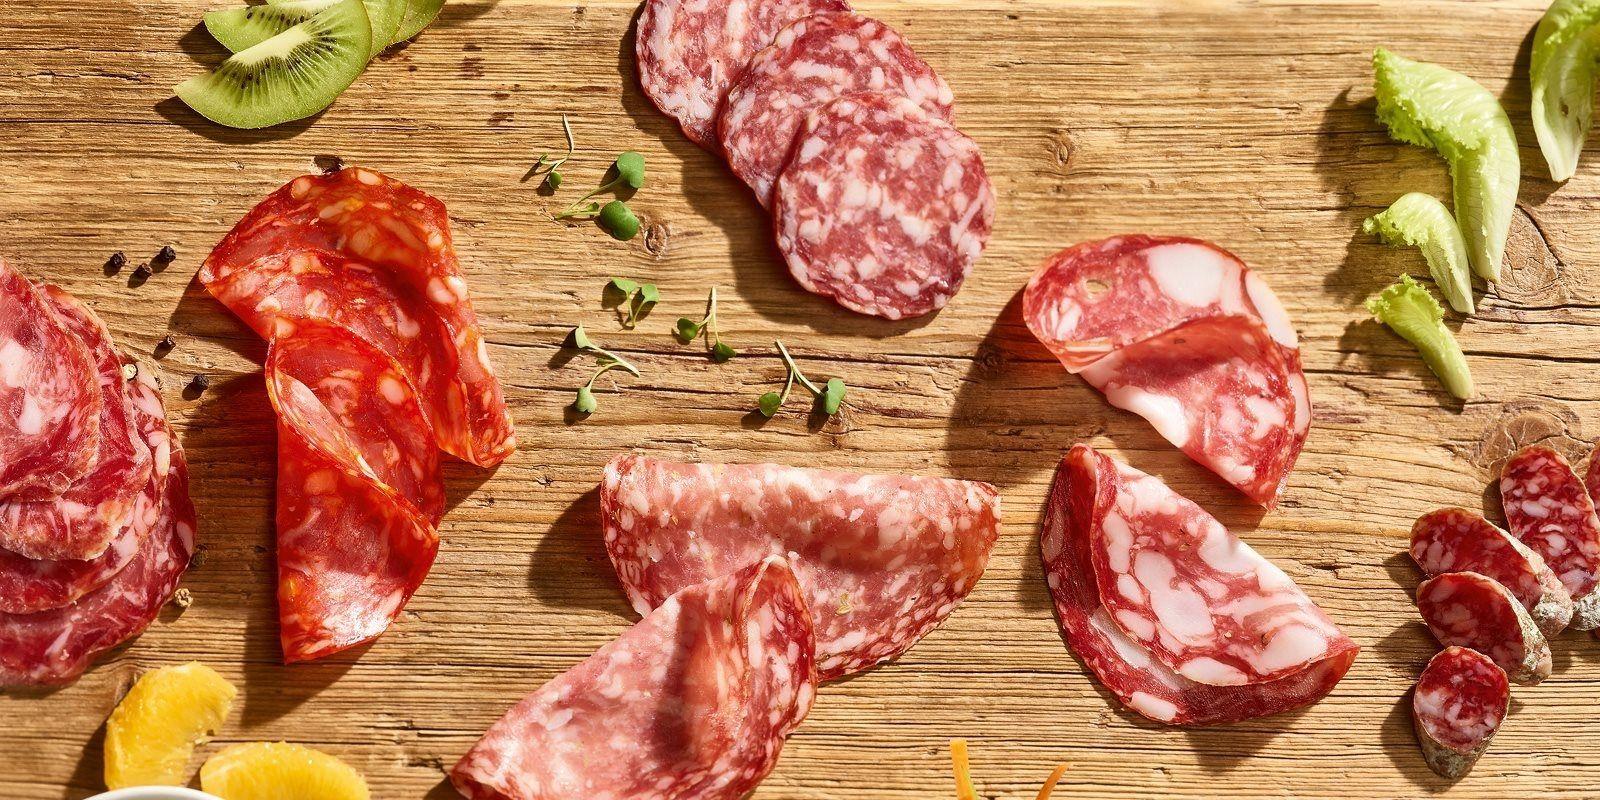 levoni_emozionale_ricette_tagliere_salami(2)